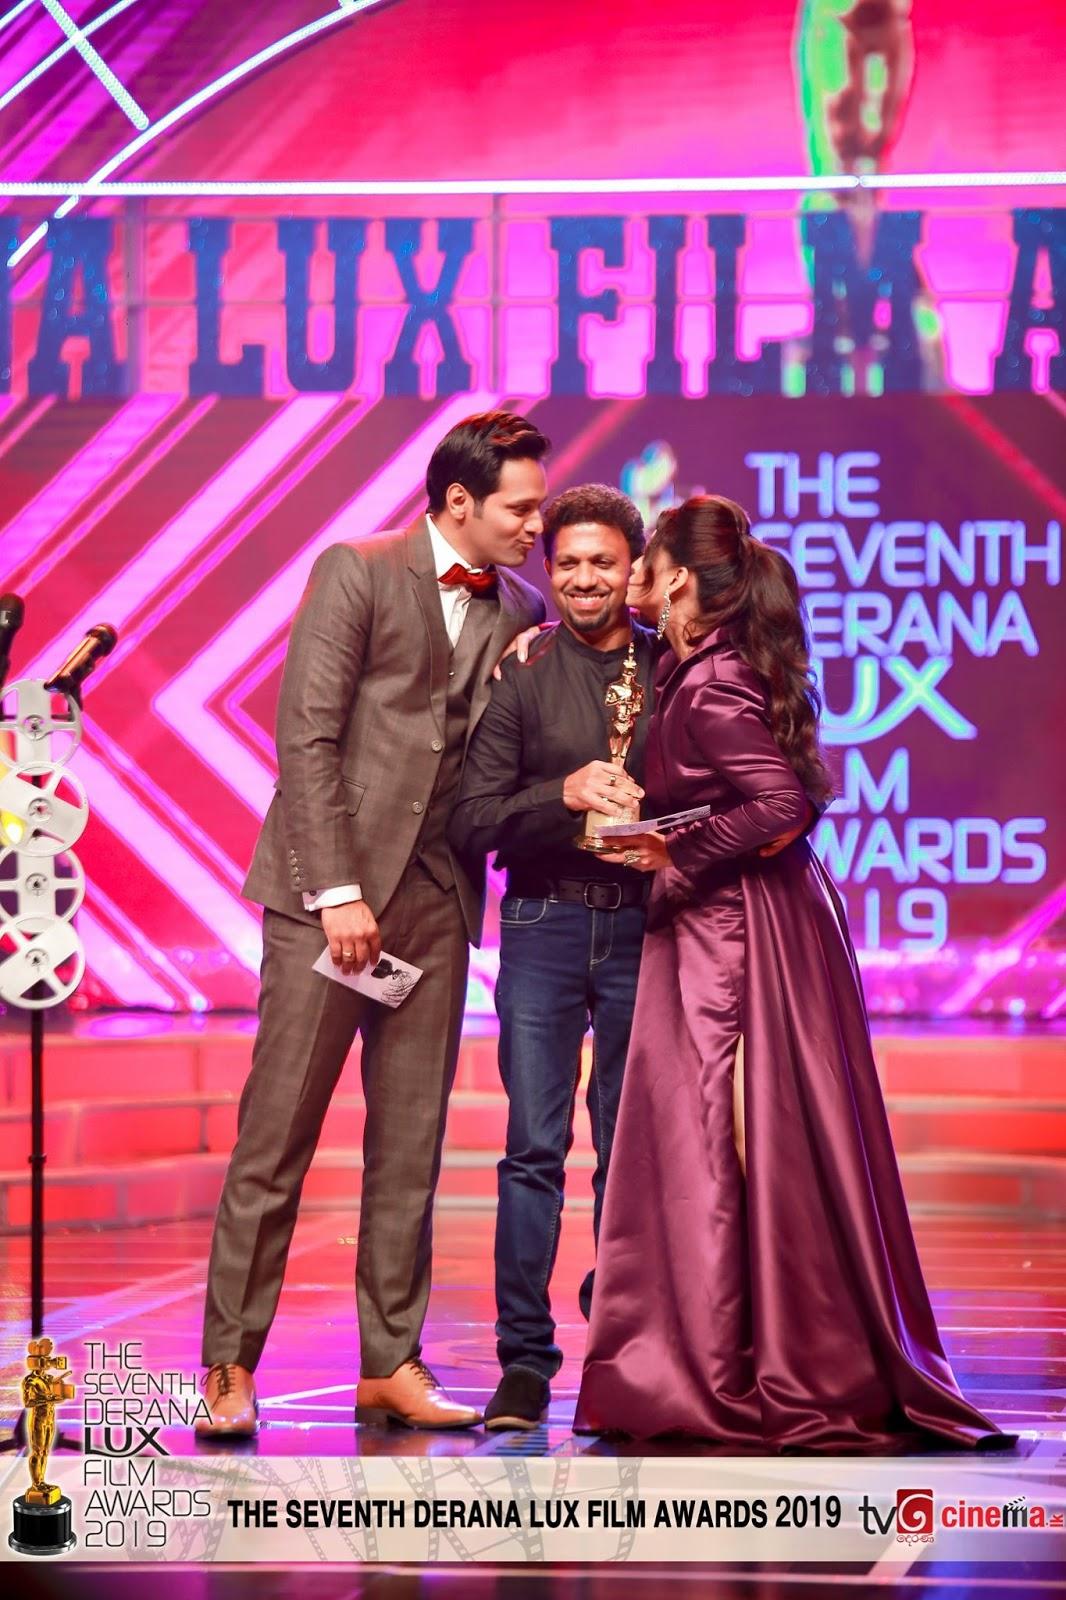 Derana Lux Film Awards 2019 - Gossip Lanka Tag - Gossip Lanka News